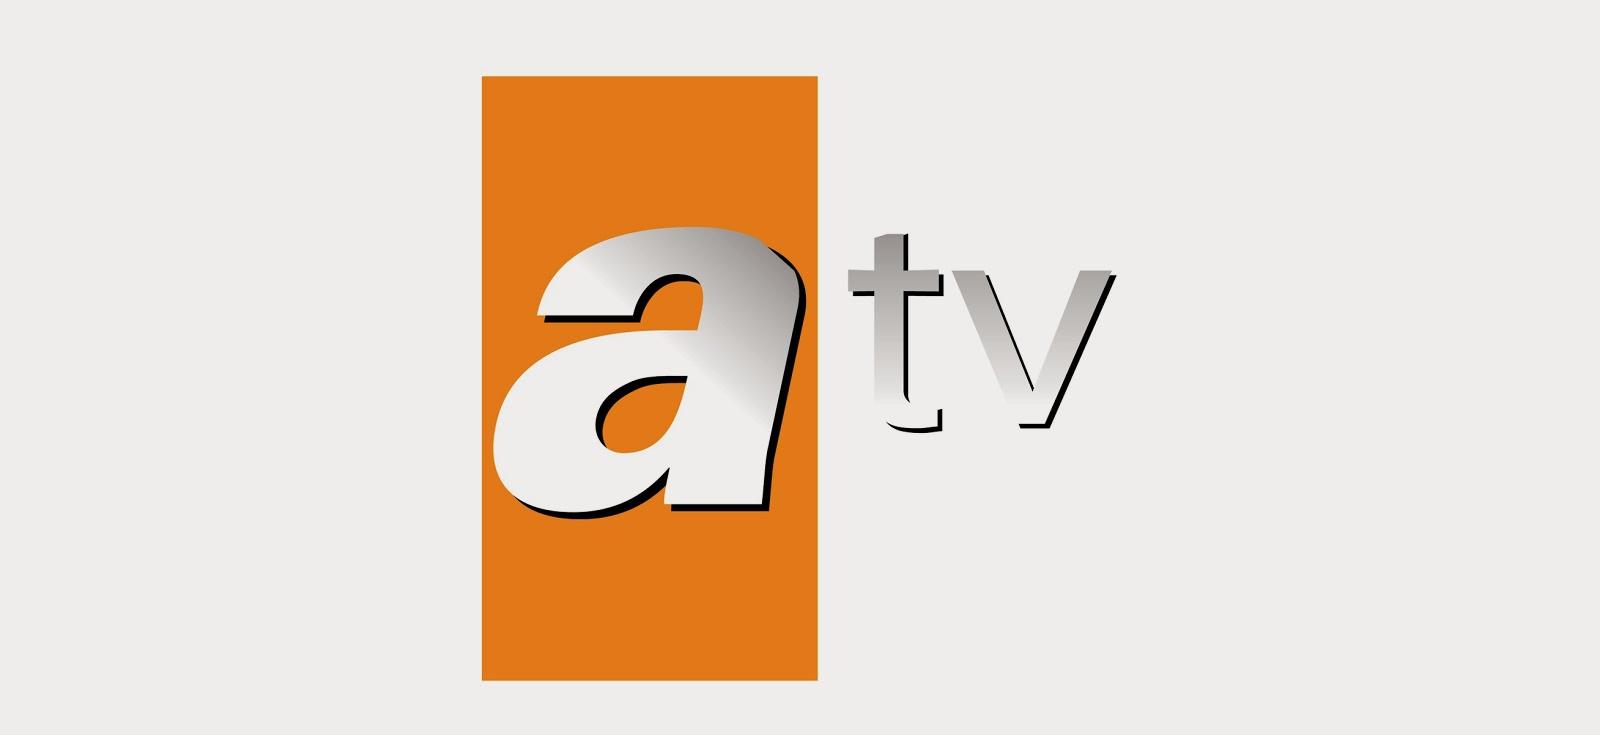 10 Eylül 2021 Cuma TV yayın akışı: Bugün televizyonda hangi diziler var?   Bugün TV'de ne var?